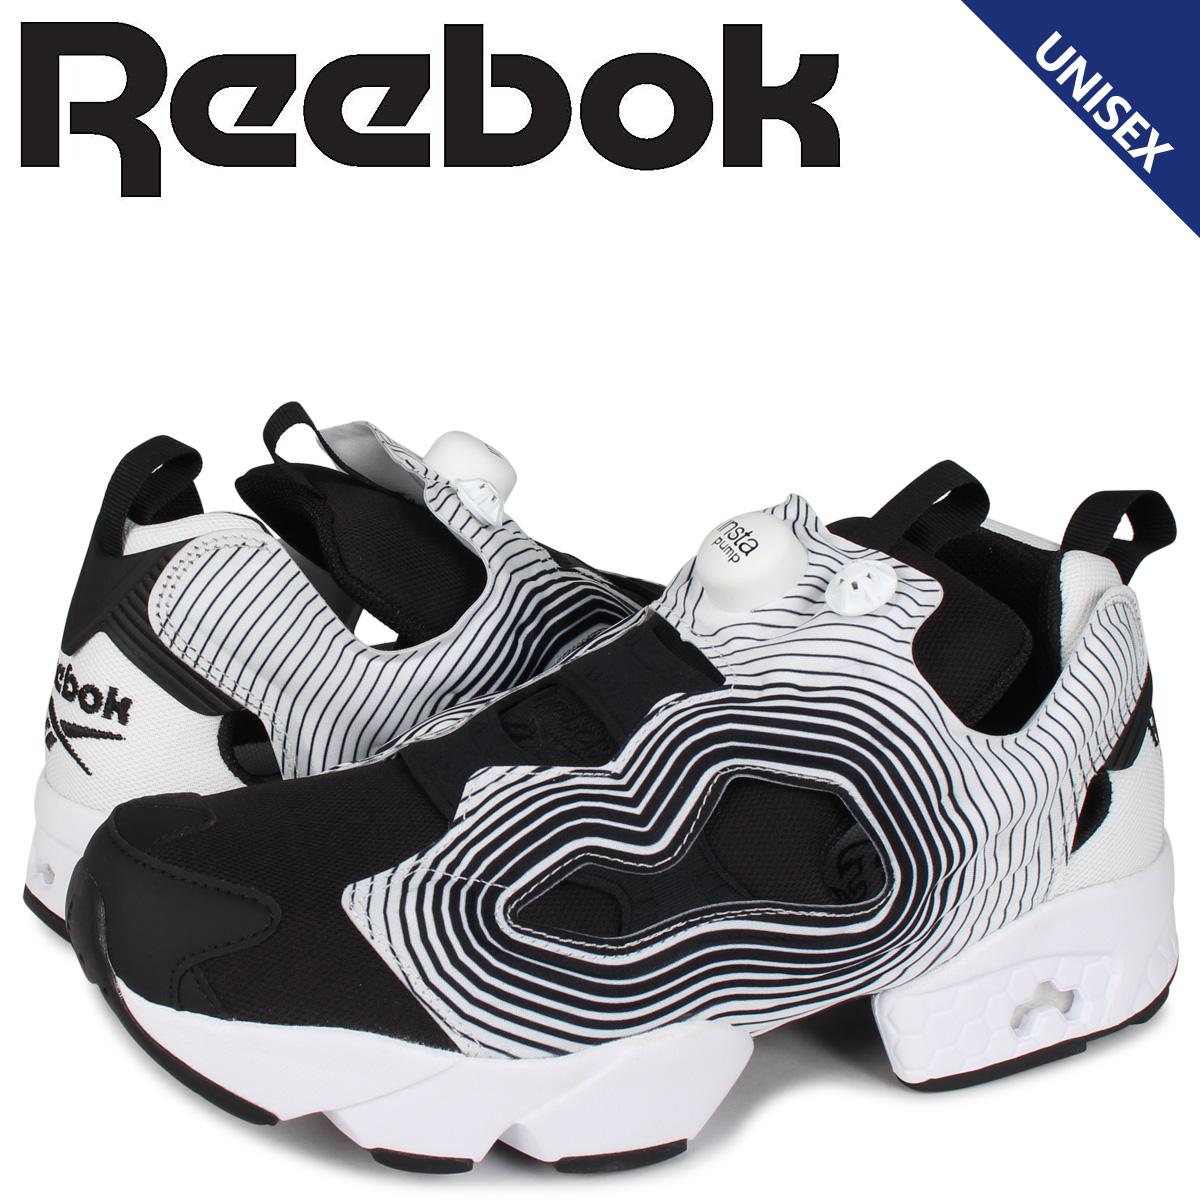 【お買い物マラソンSALE】 リーボック Reebok インスタ ポンプフューリー スニーカー メンズ レディース INSTAPUMP FURY OG NM ブラック 黒 FV4501